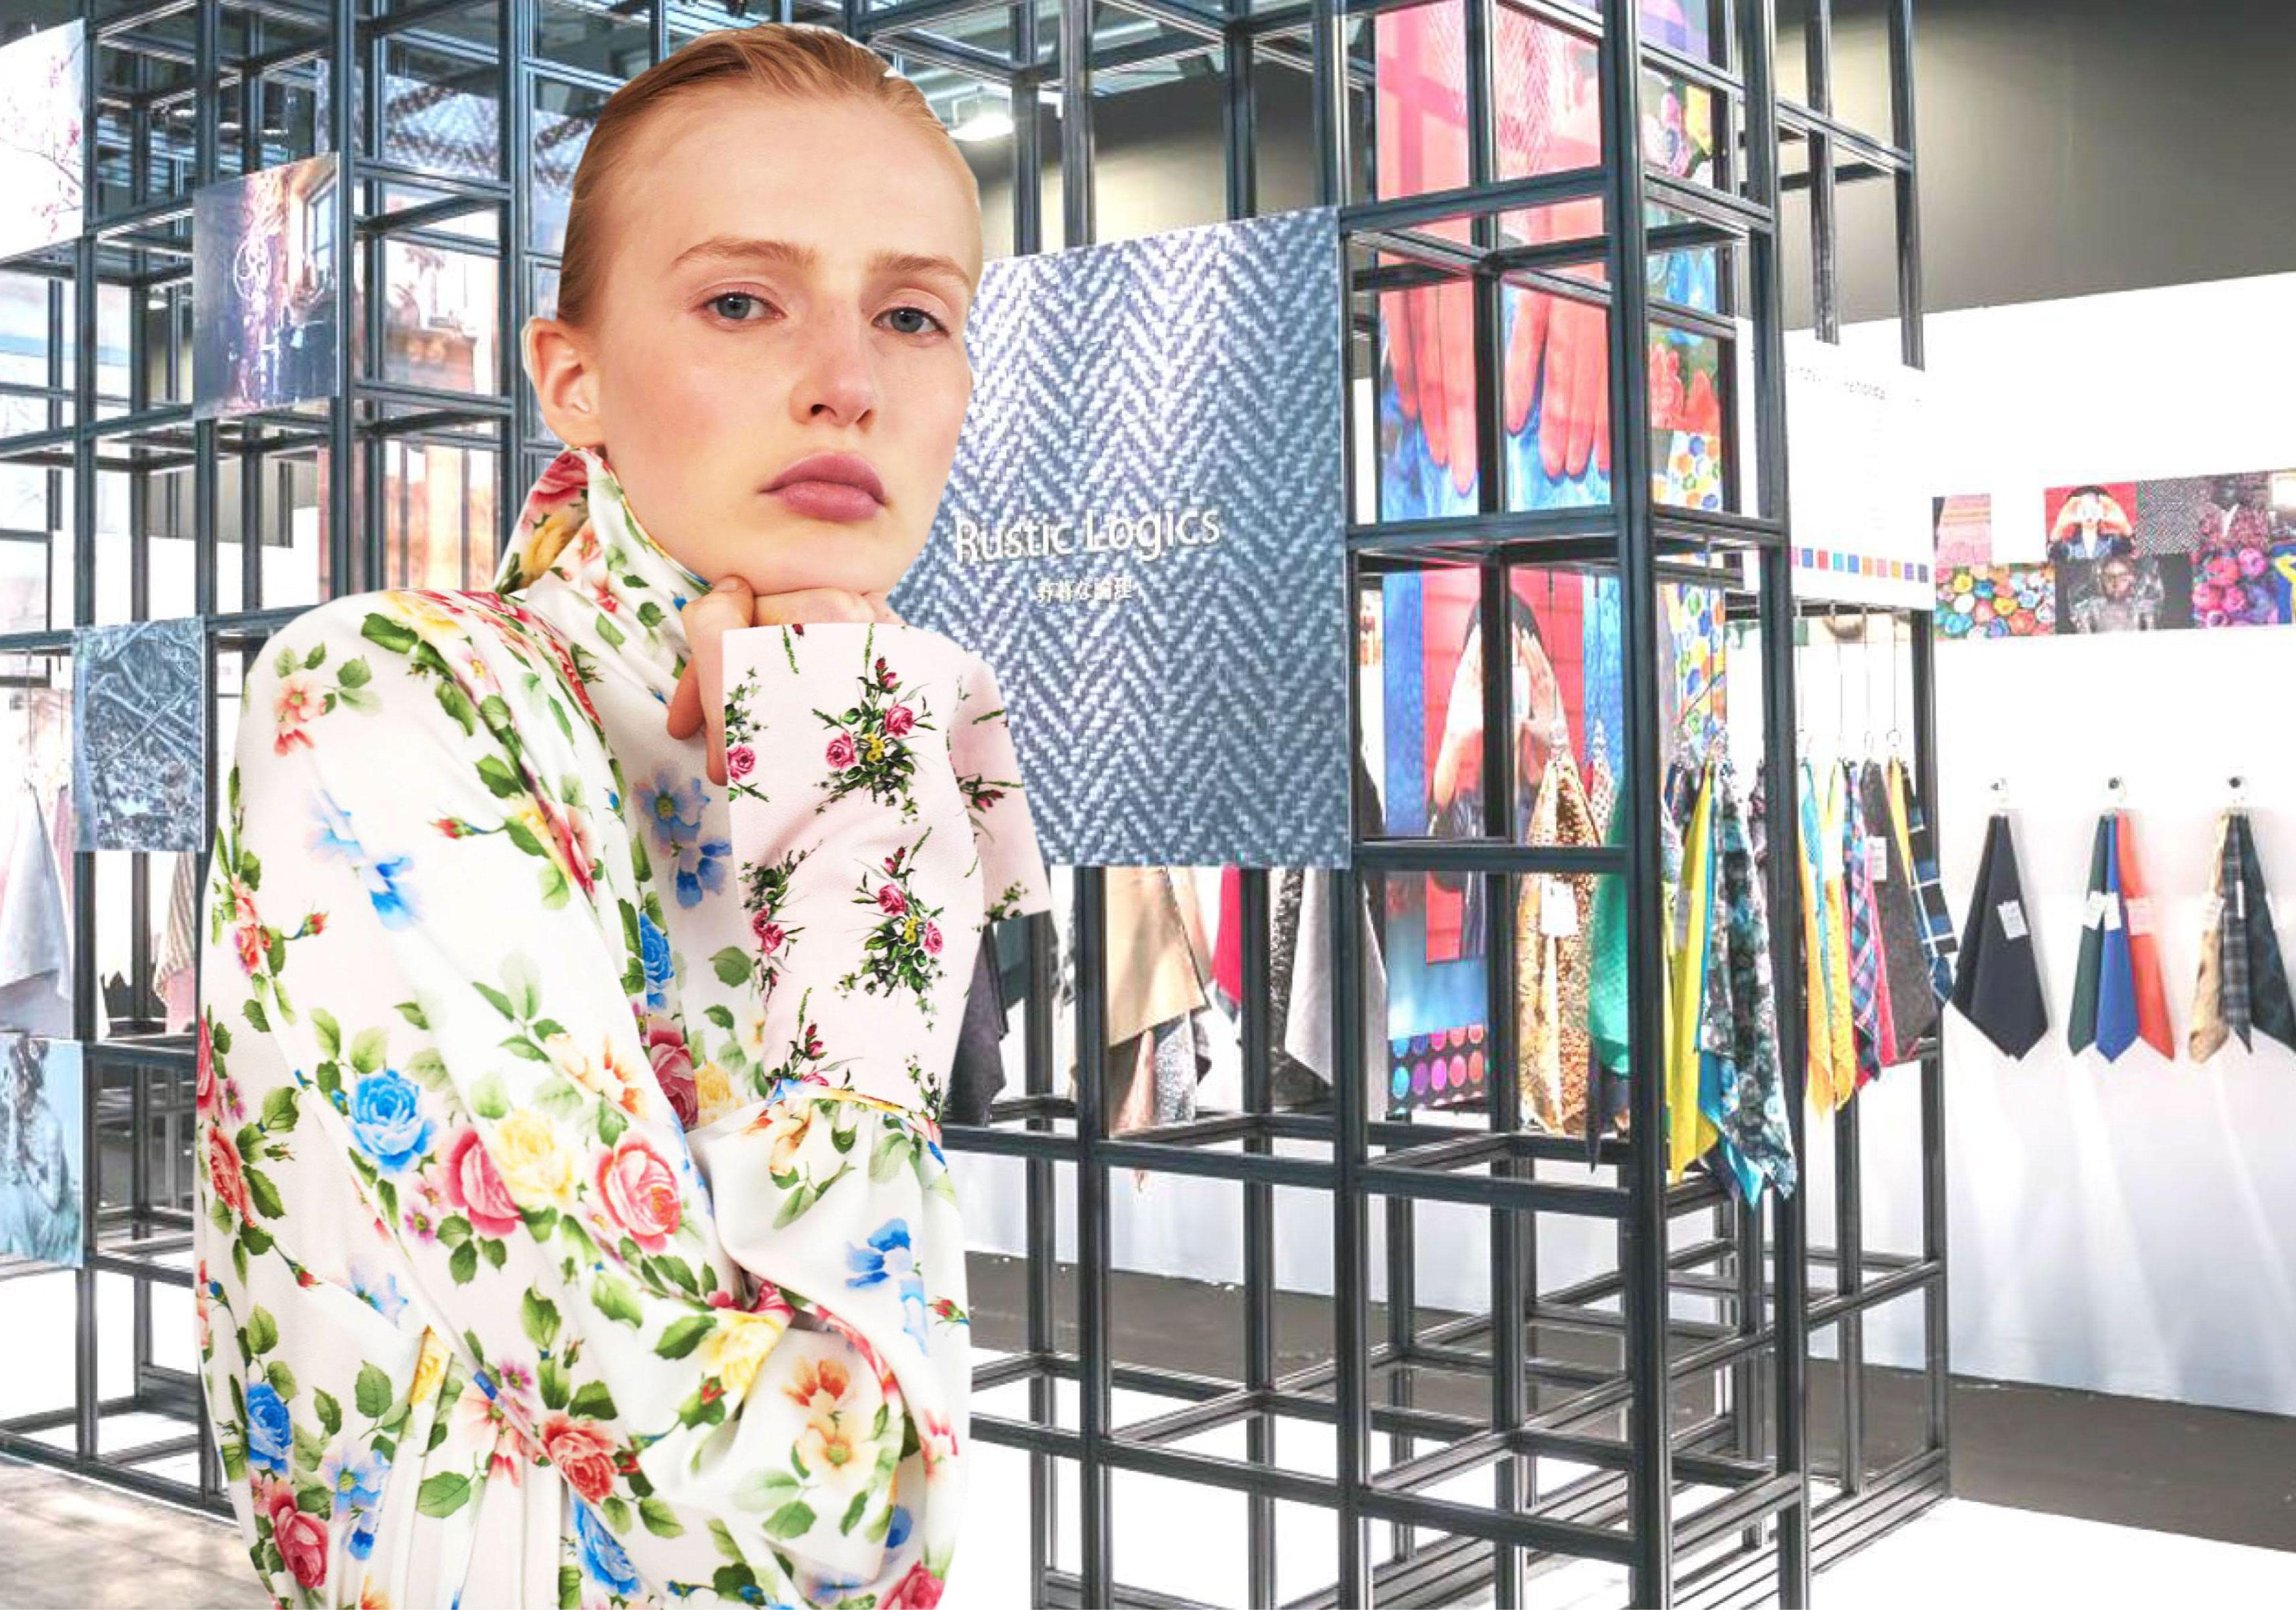 米蘭Milano Unica紡織面料展,呈現了各大印花工作室新鮮出爐的最新季設計。規模之大意味著買手能有更多時間造訪各個工作室,挑選2019/20秋冬的新穎印花面料 提花面料等,買手們根據近期的T臺趨勢搜尋新意。